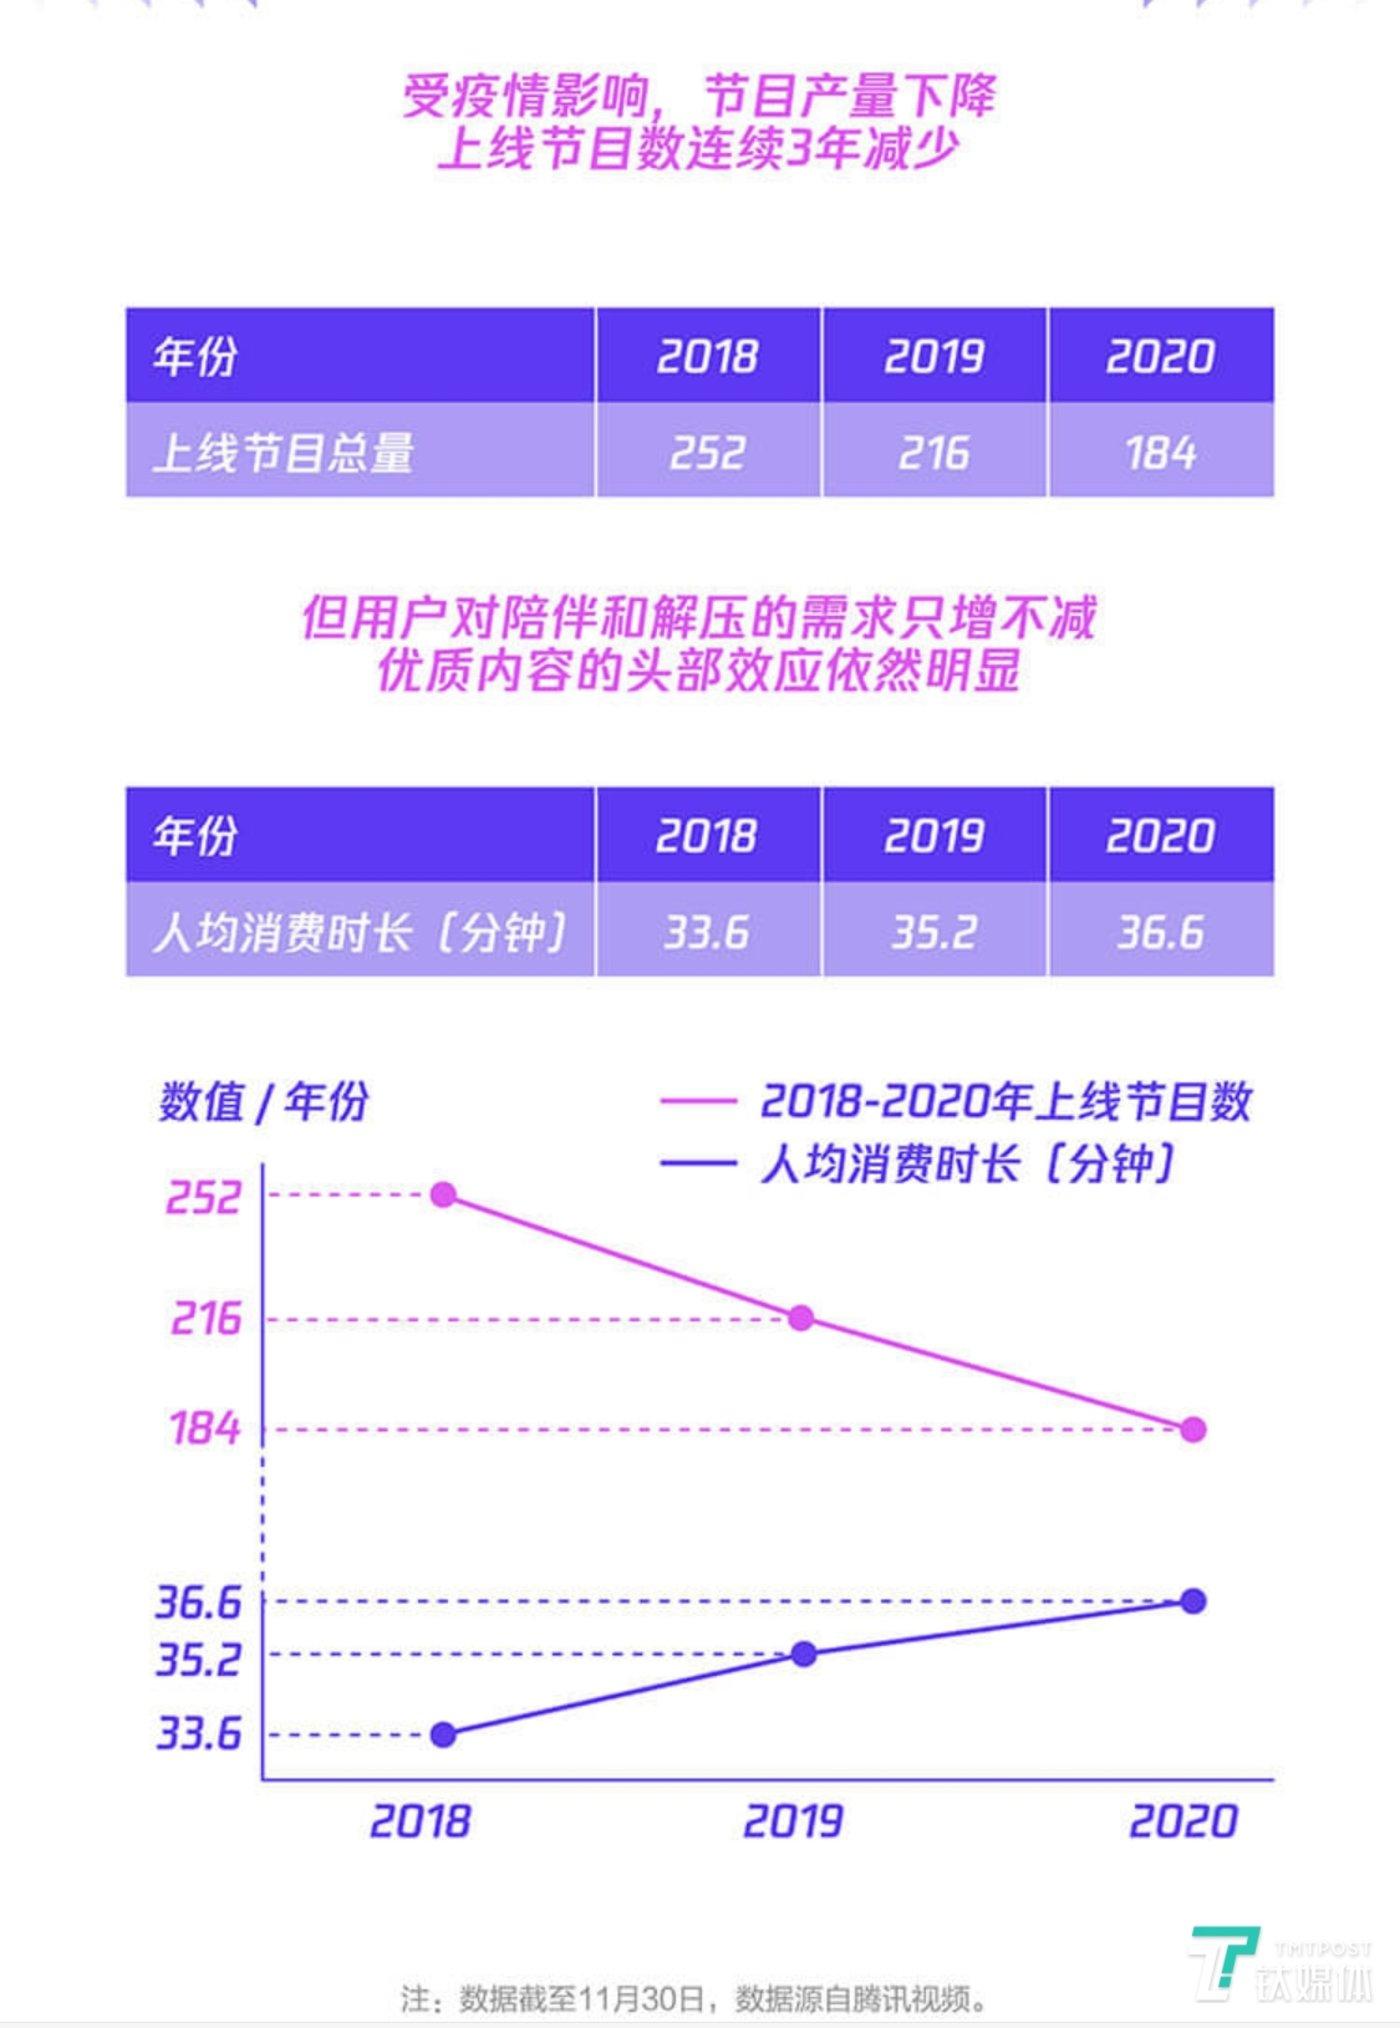 综艺节目上线数量连续3年减少,图片来源:《2020腾讯视频年度指数报告》